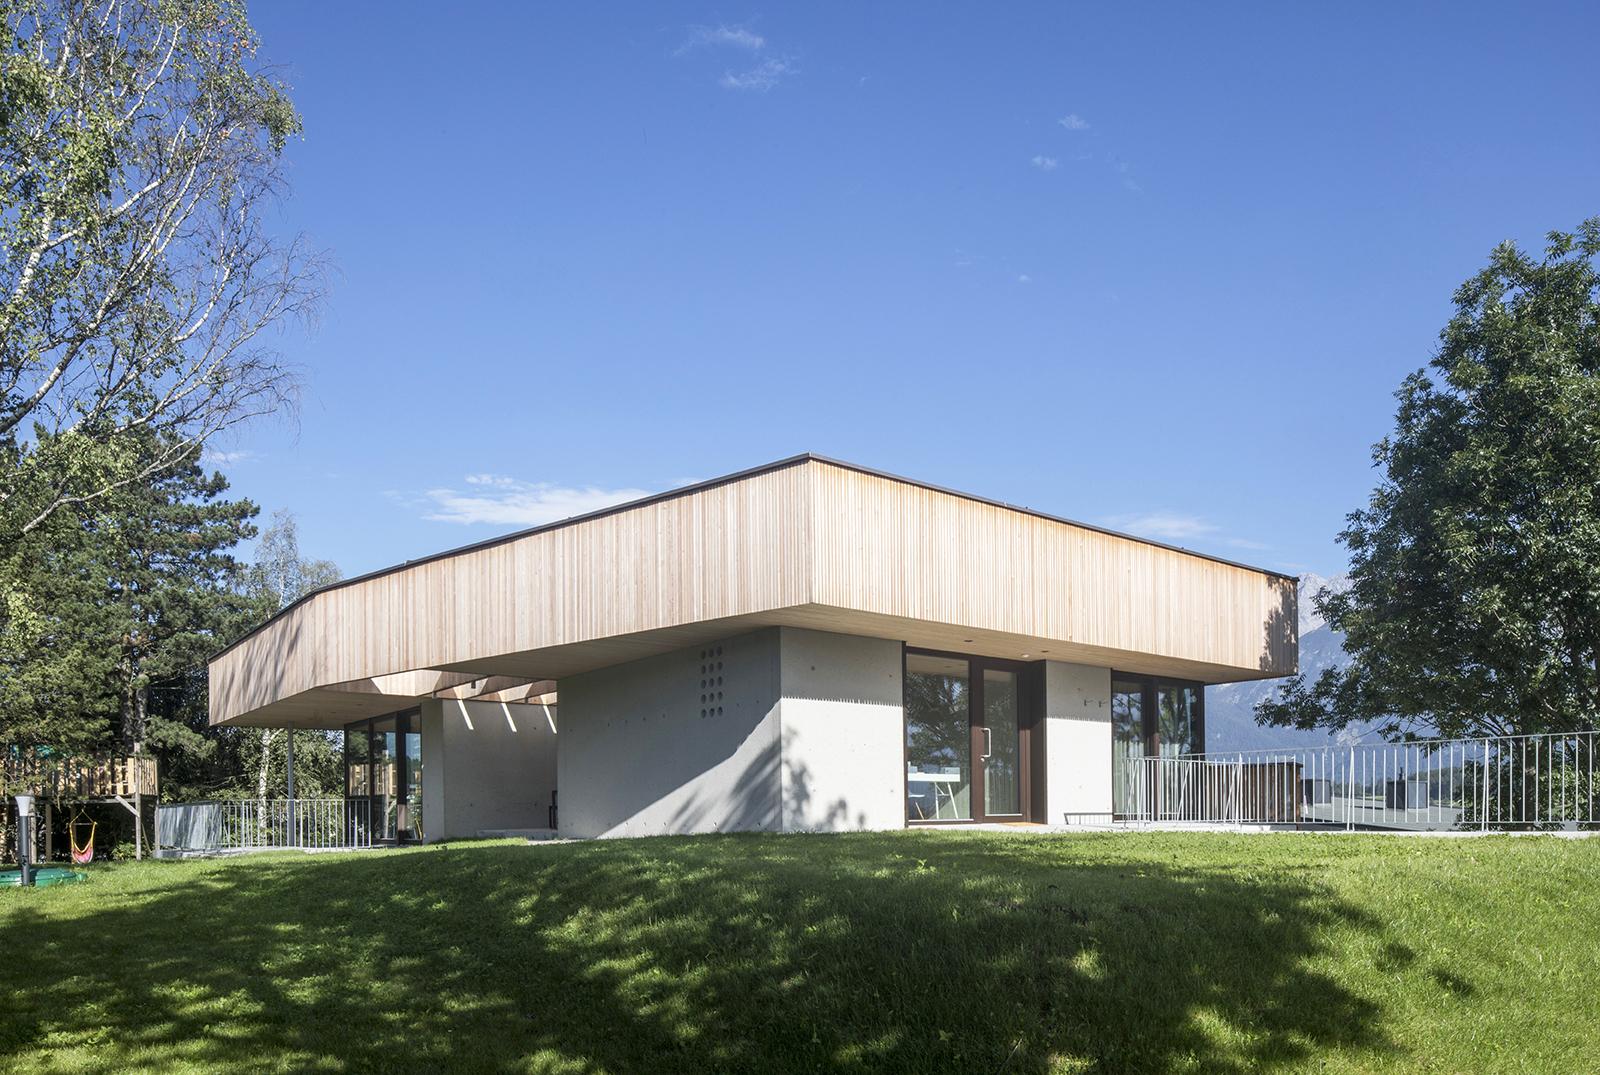 House Welser Ao Architekten